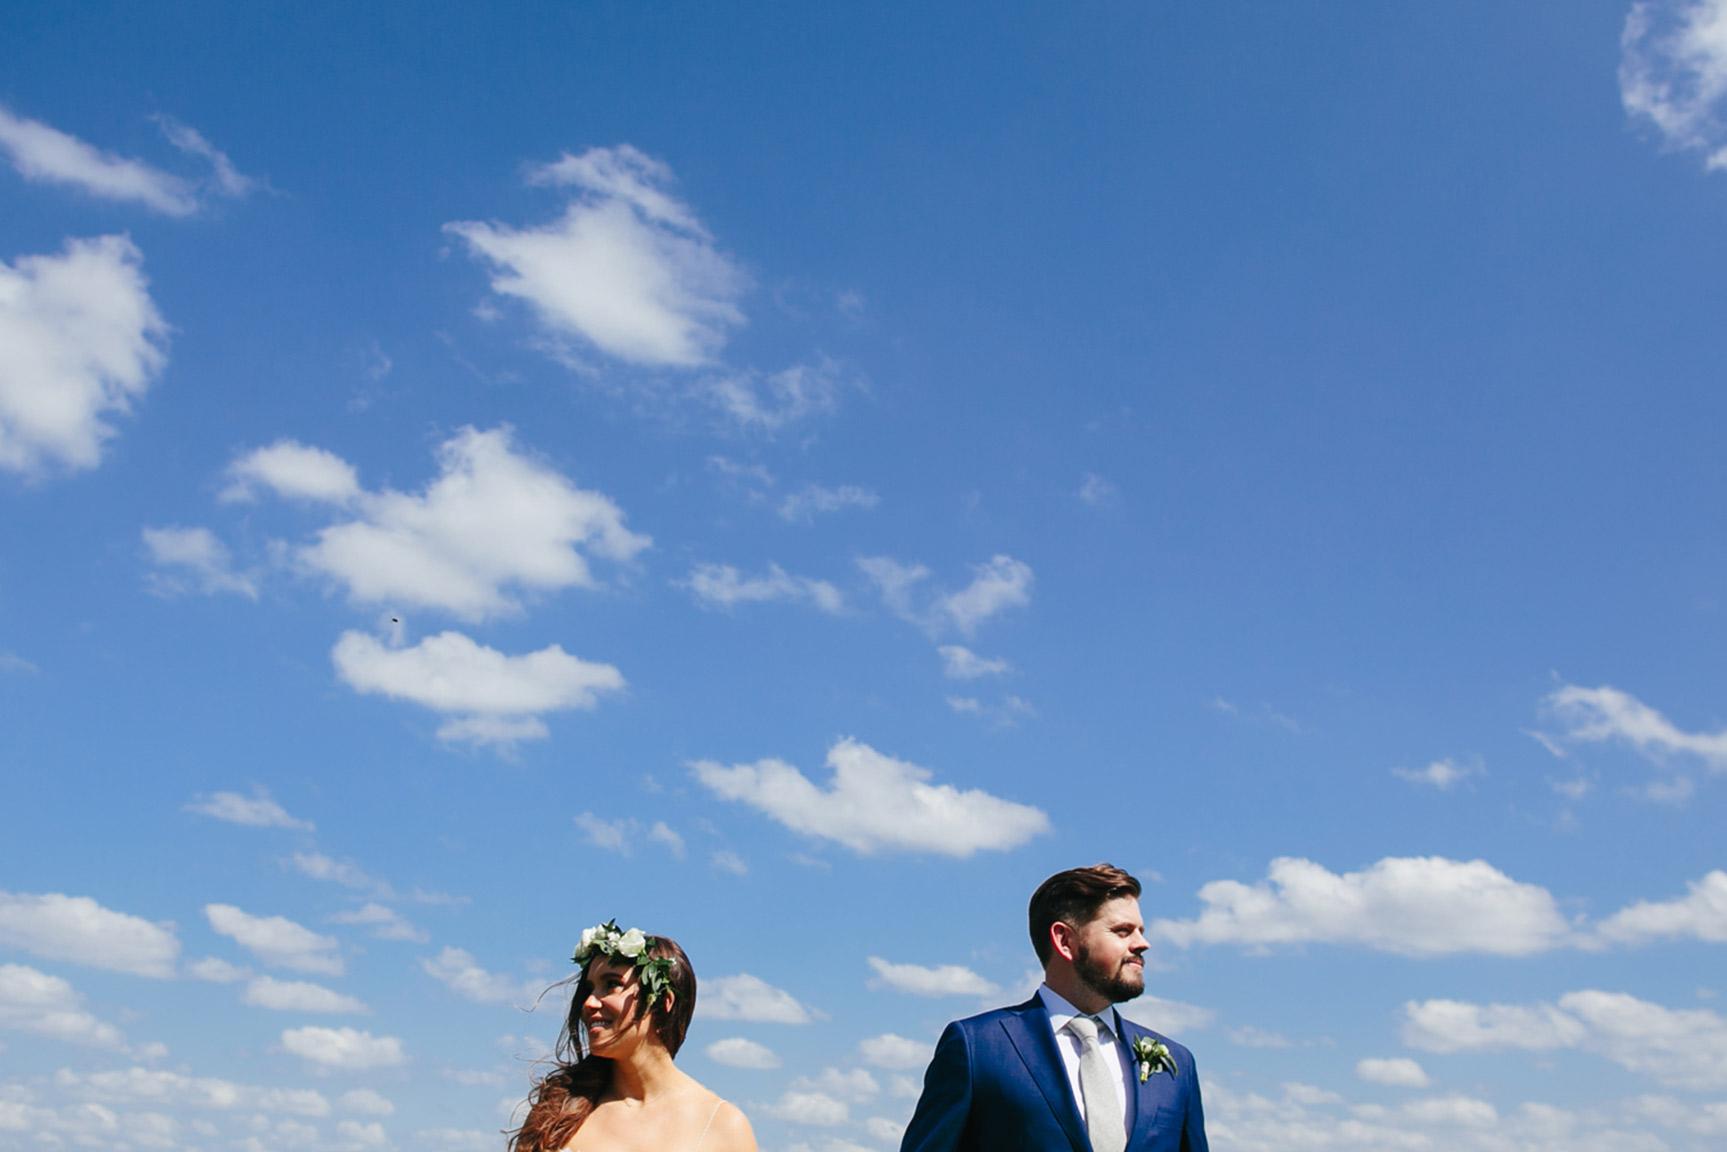 austin_WeddingPhotographer_020.jpg